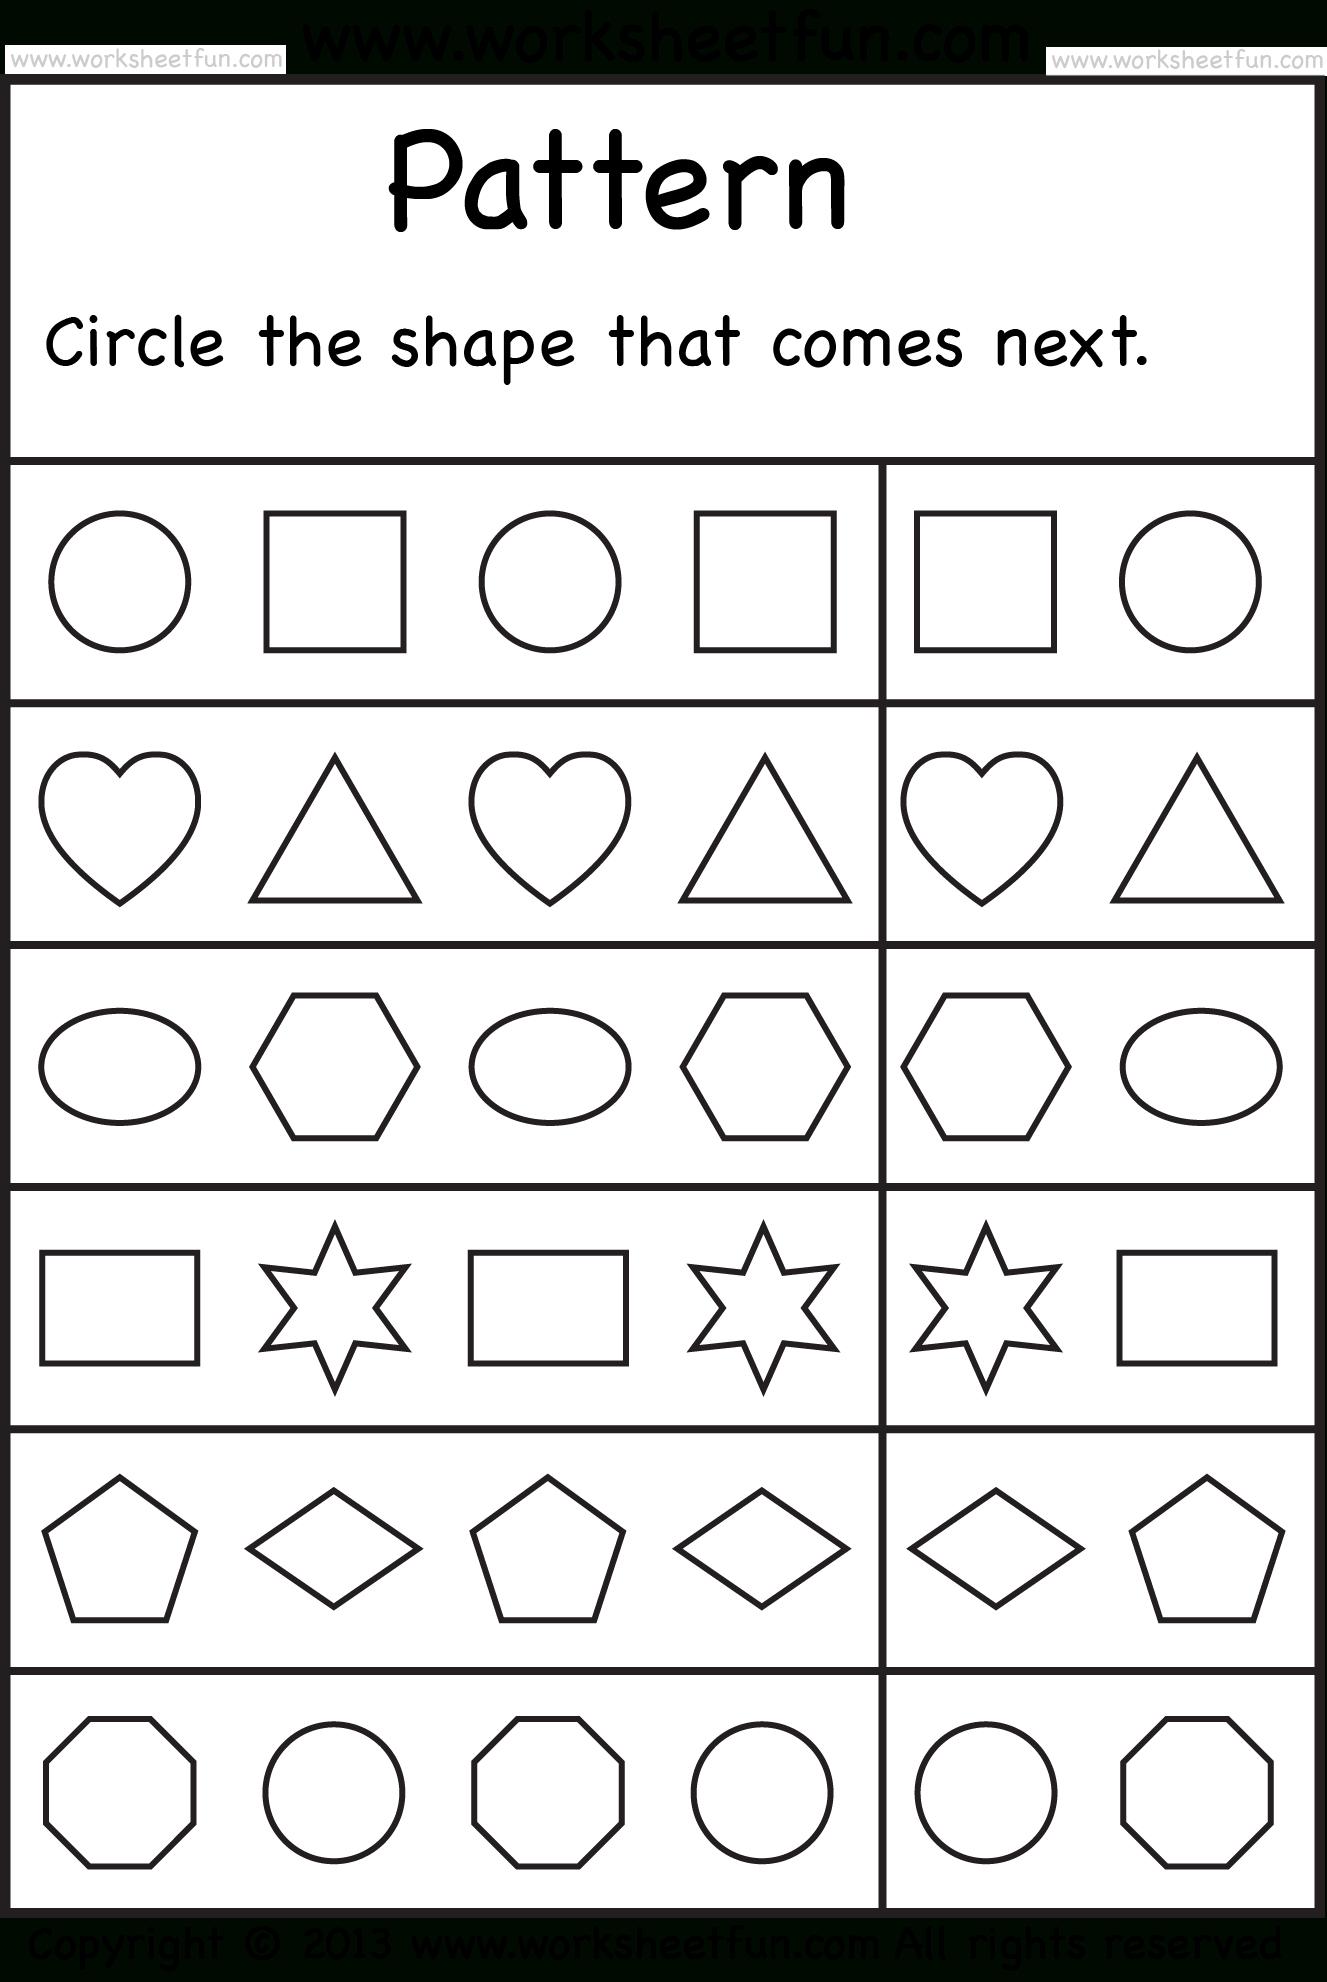 Free Printable Worksheets – Worksheetfun / Free Printable   Free Printable Worksheets For Children